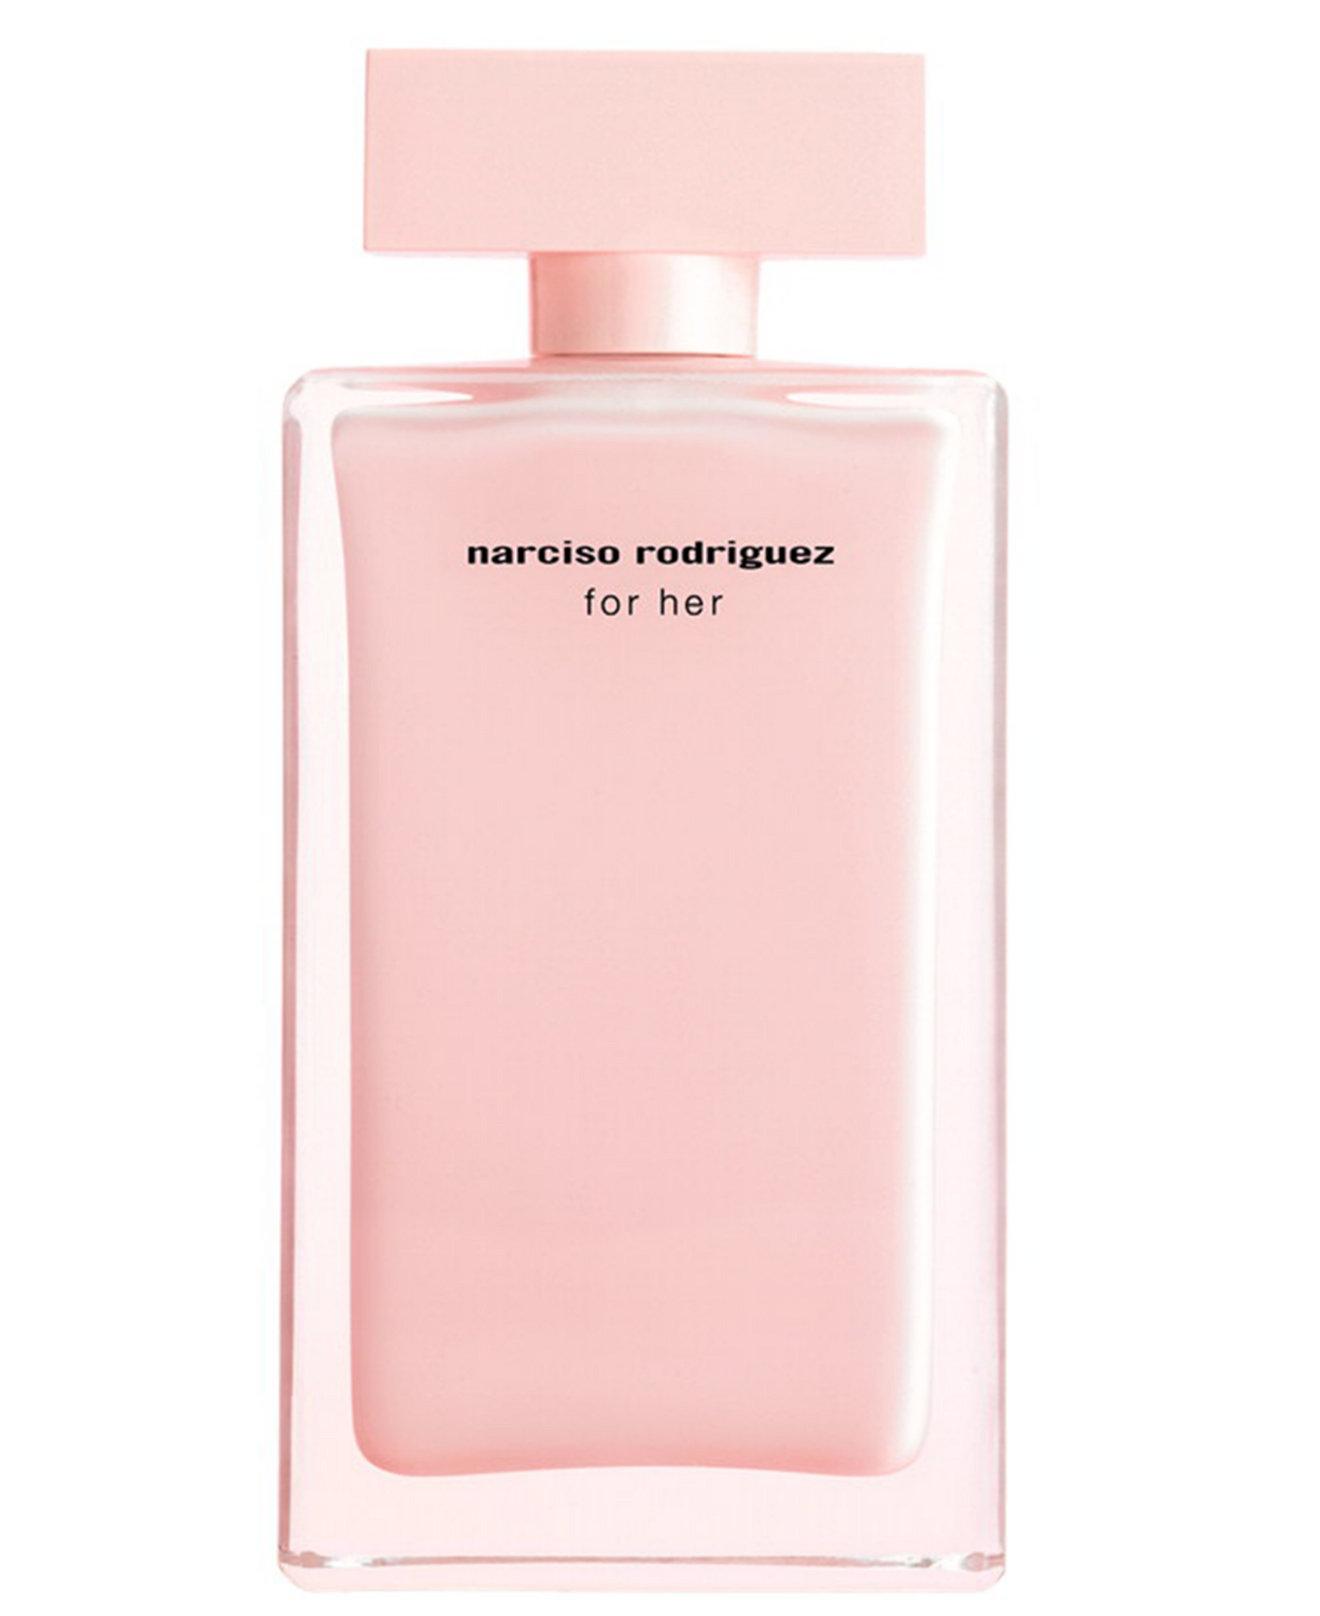 Narciso Rodriguez Eau de Parfum จาก Narciso Rodriguez 10 ml.